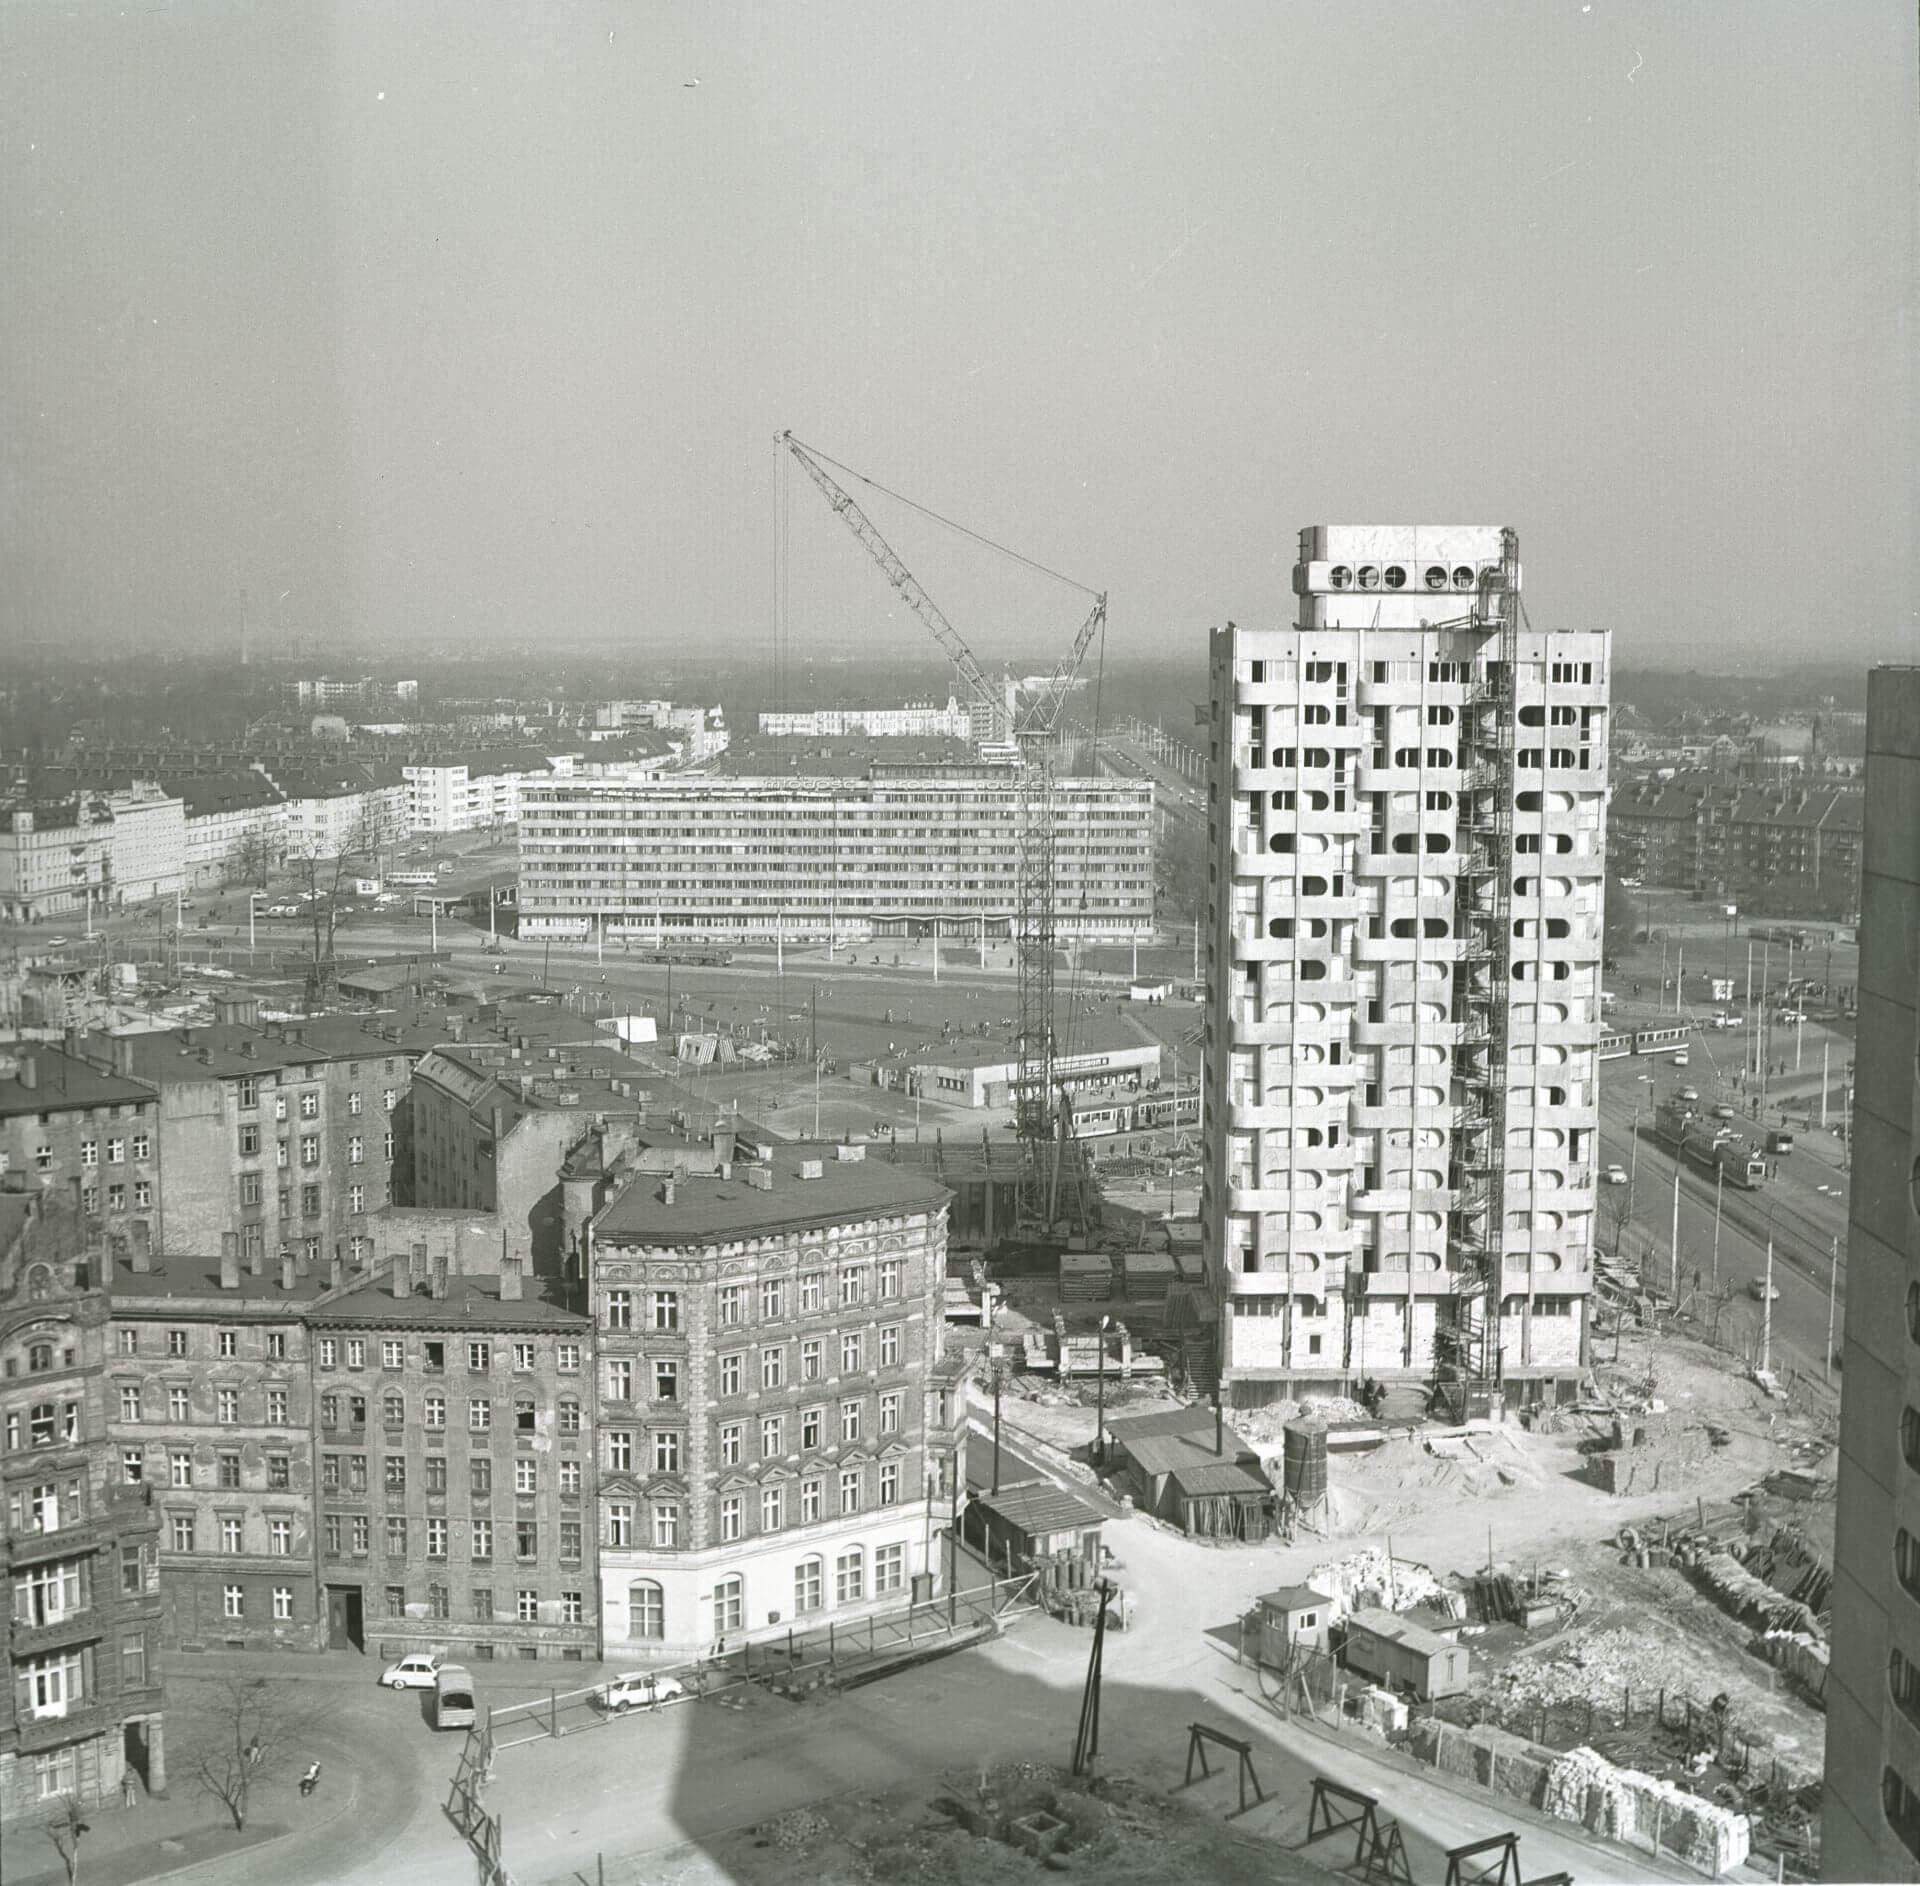 5.Budowa zespołu mieszkaniowego, plac Grunwaldzki, 1969-75 (projekt 1963-69),  fot. Zbigniew Nowak, 1973, zbiory: Ośrodek Pamięć i Przyszłość